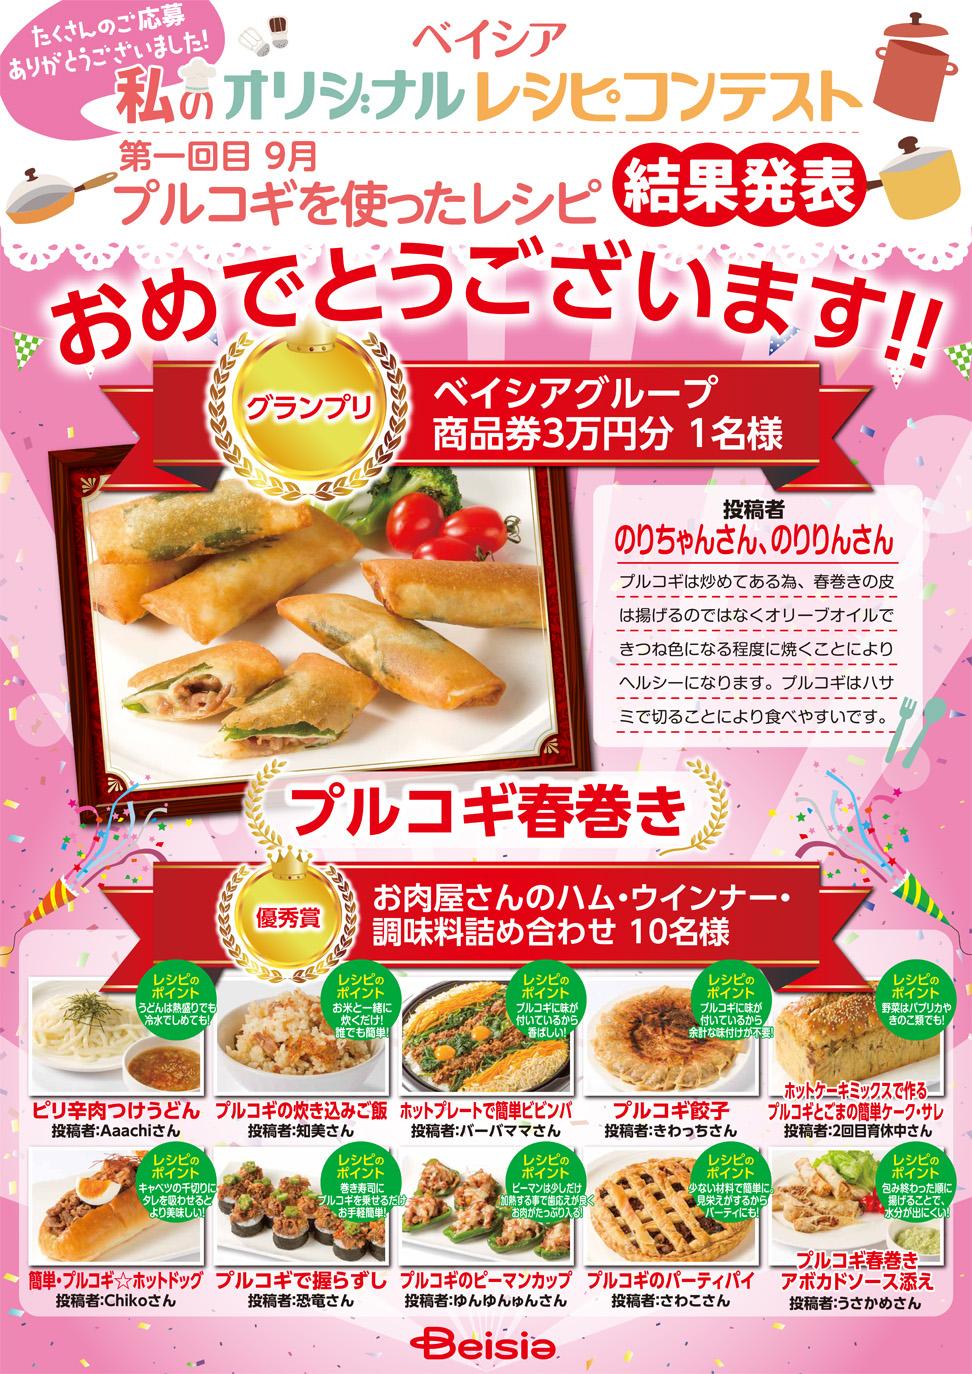 第1回レシピコンテスト受賞レシピ